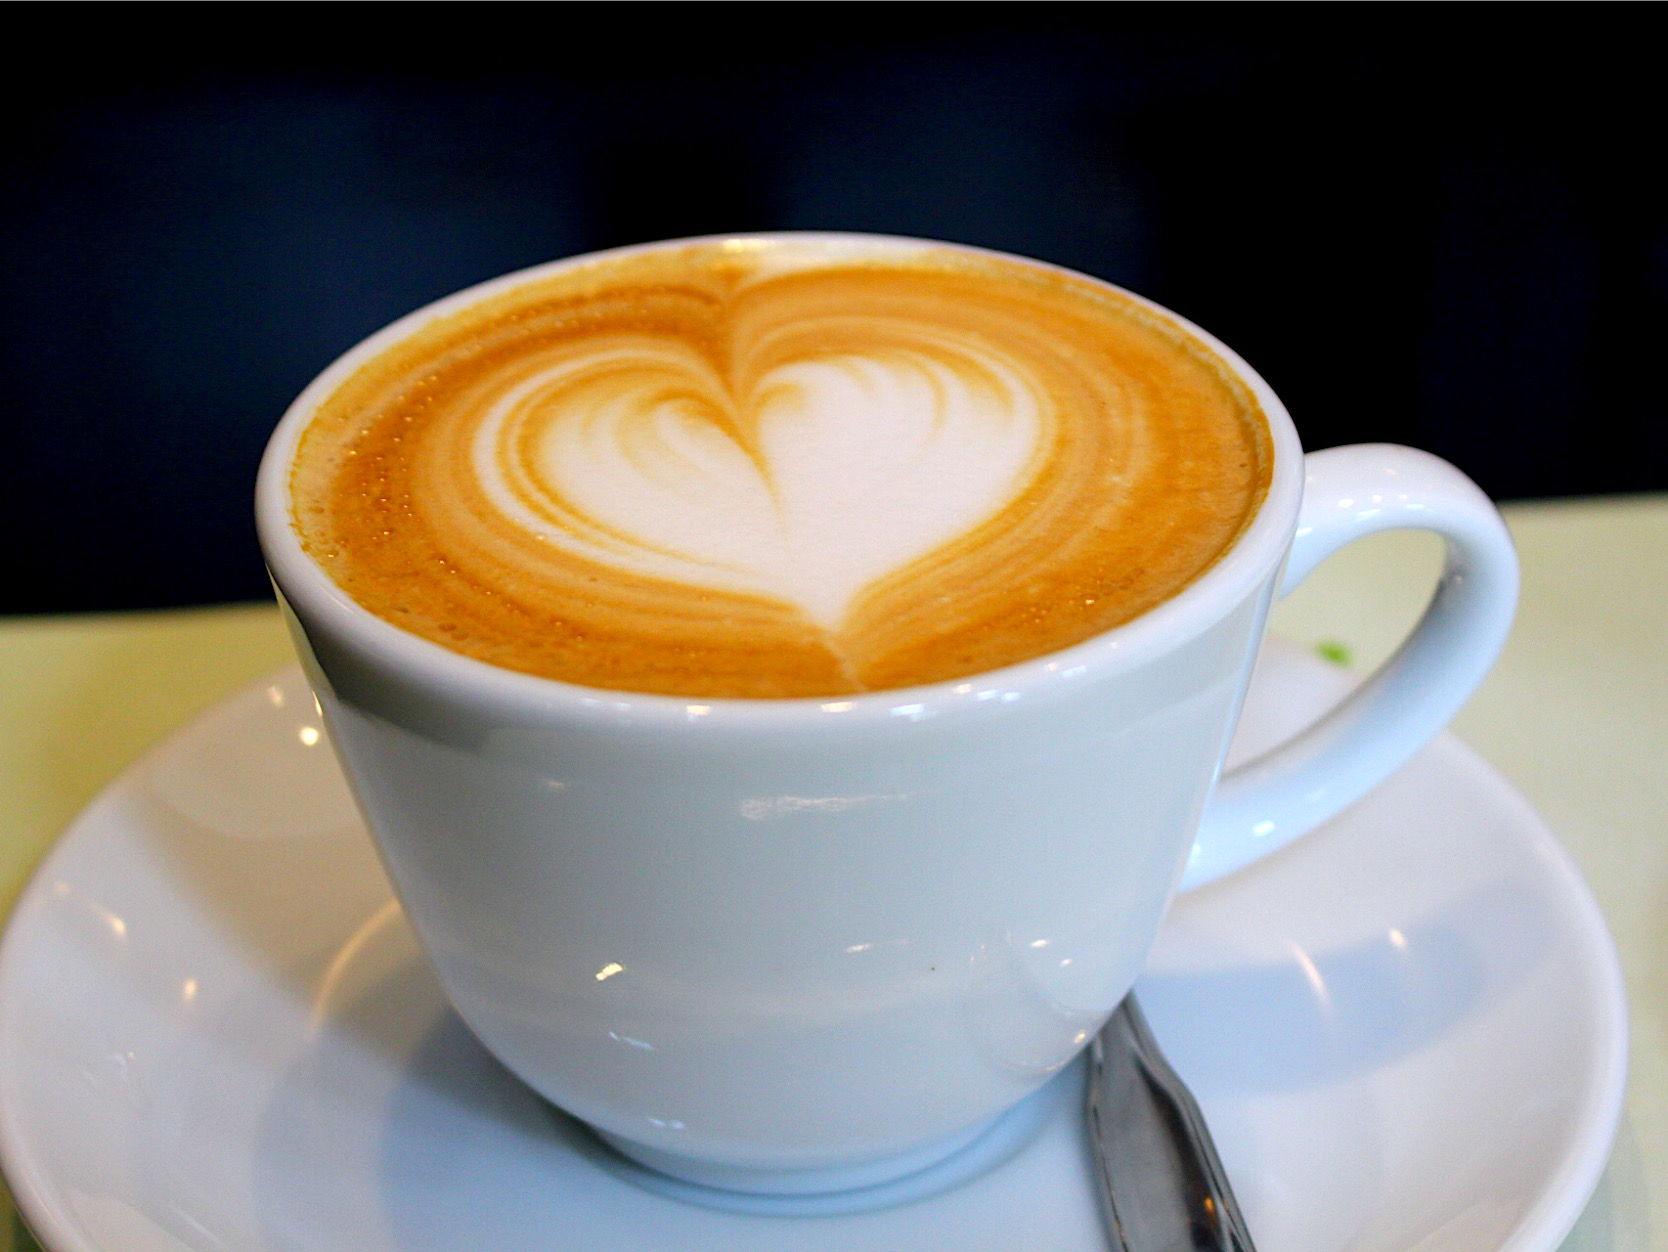 【マイアミ】玉名でランチ!ゆっくりくつろげる空間でコーヒー@メニュー